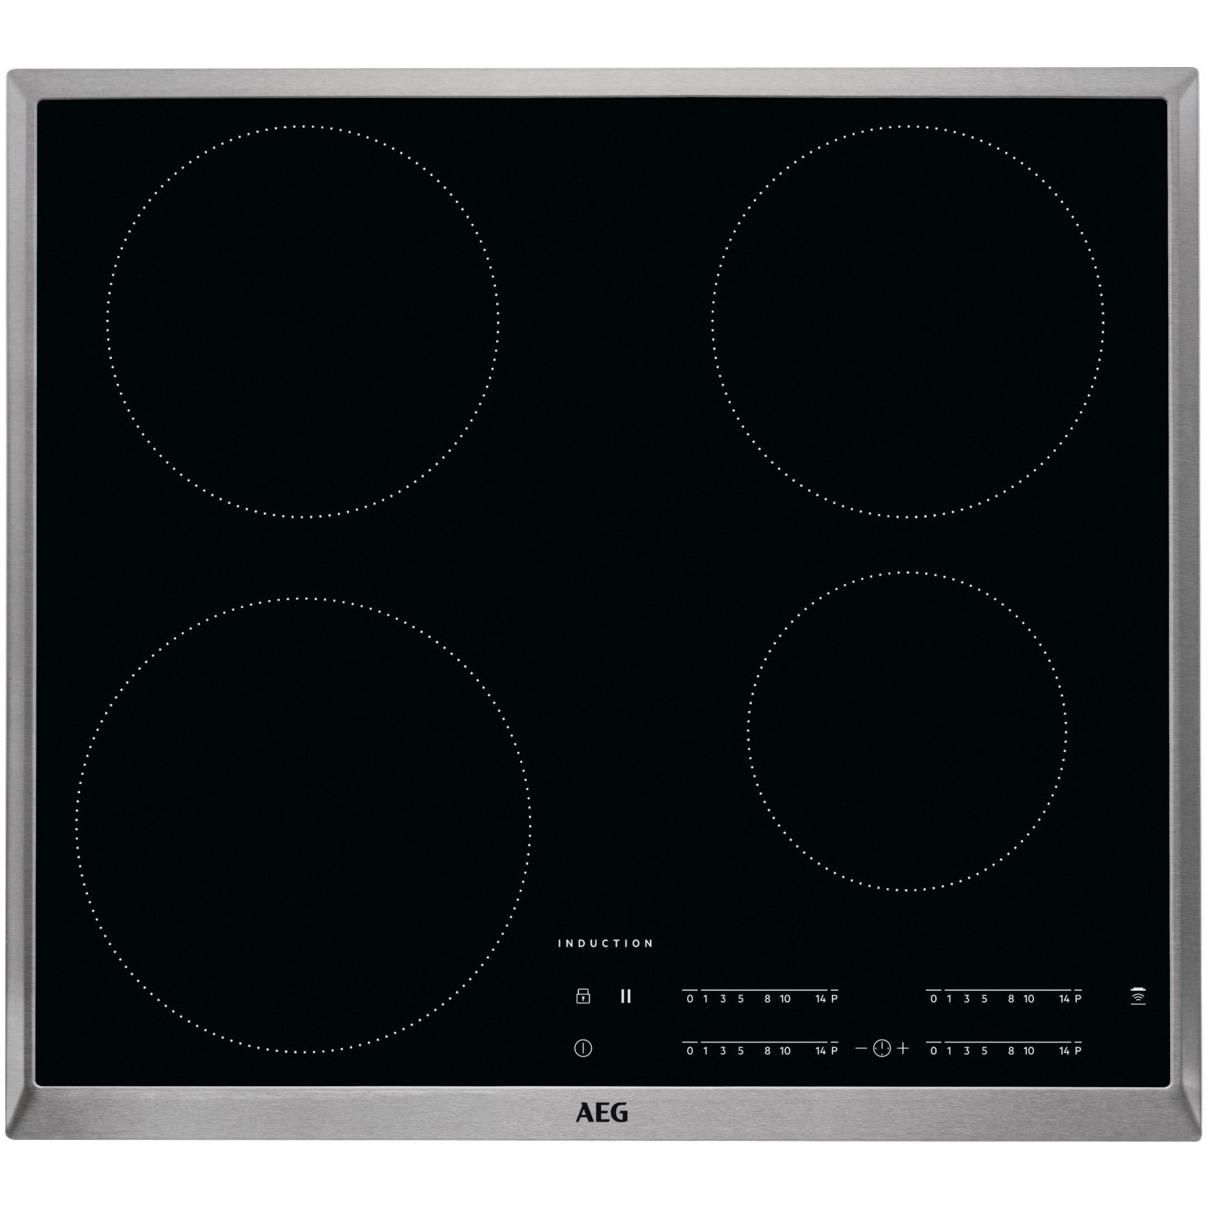 AEG inductie inbouwkookplaat IKB64401XB rvs